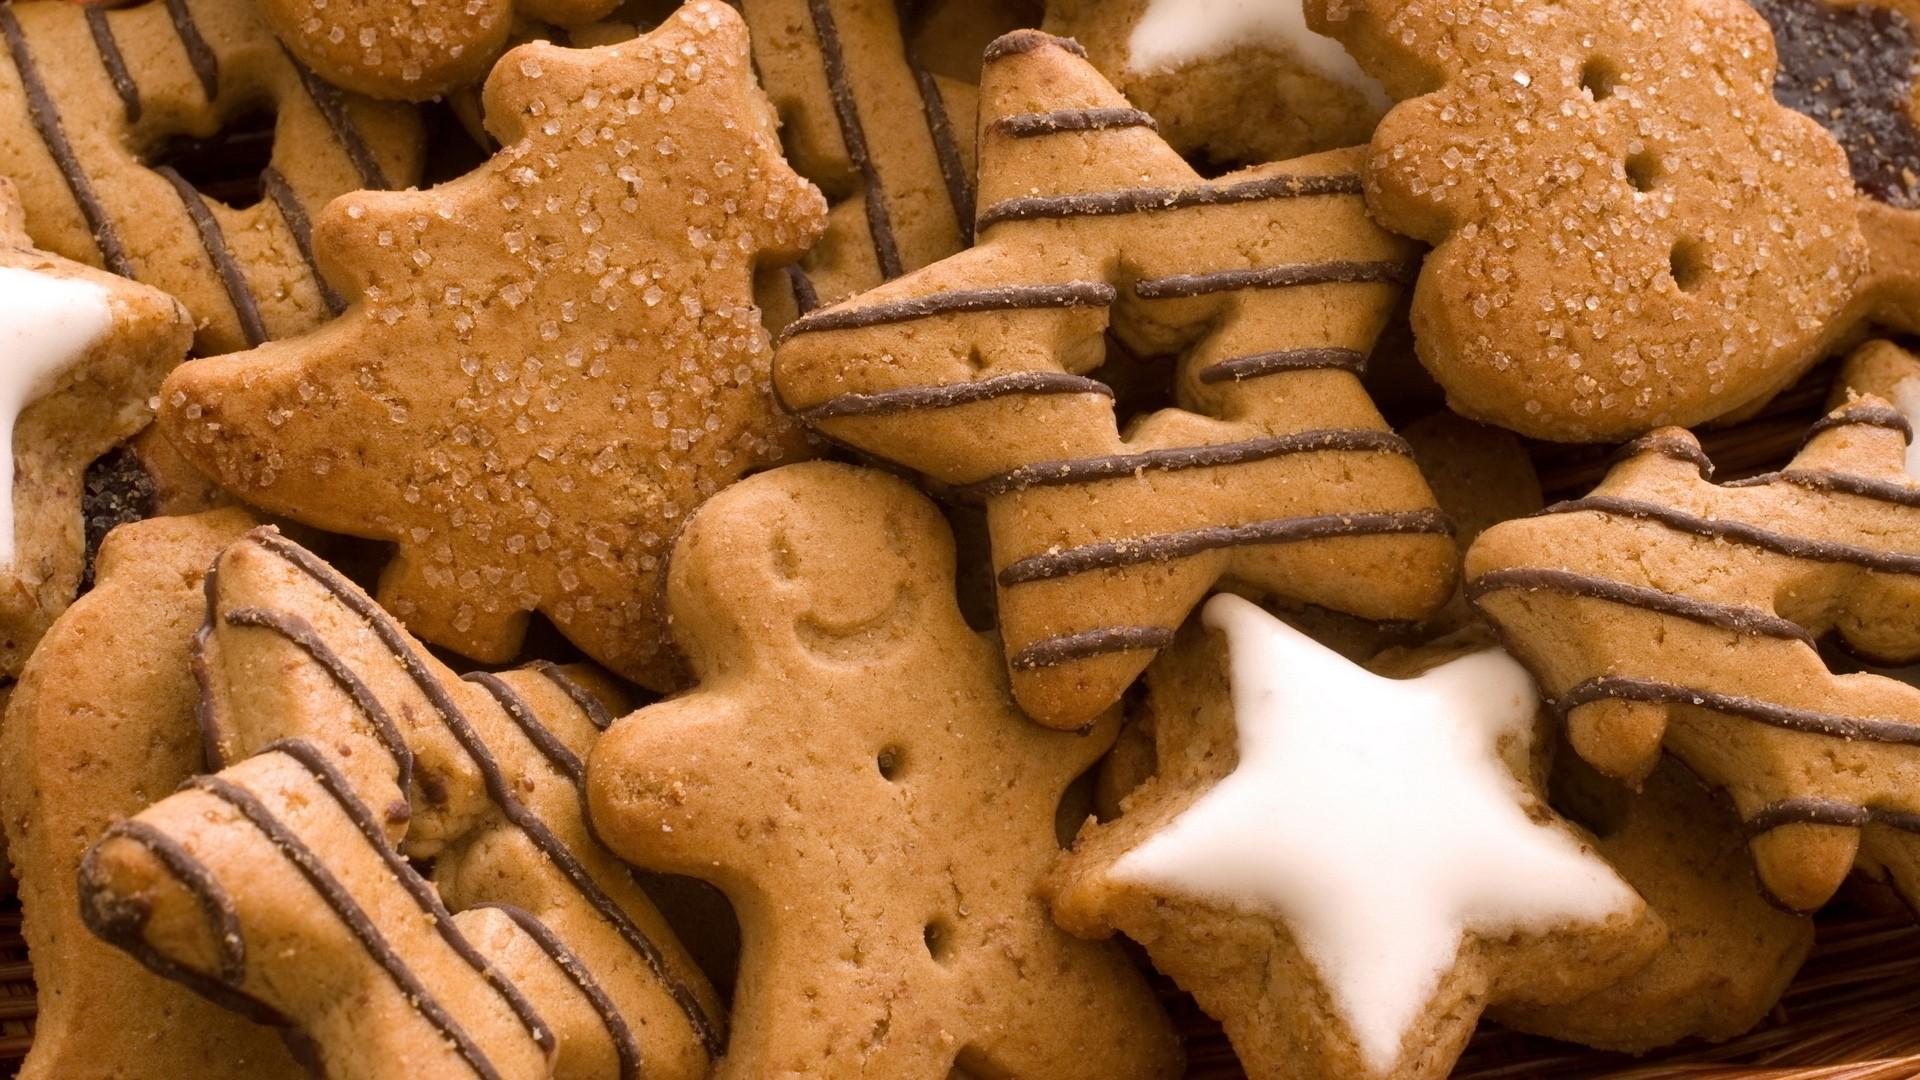 Cookies computer wallpaper